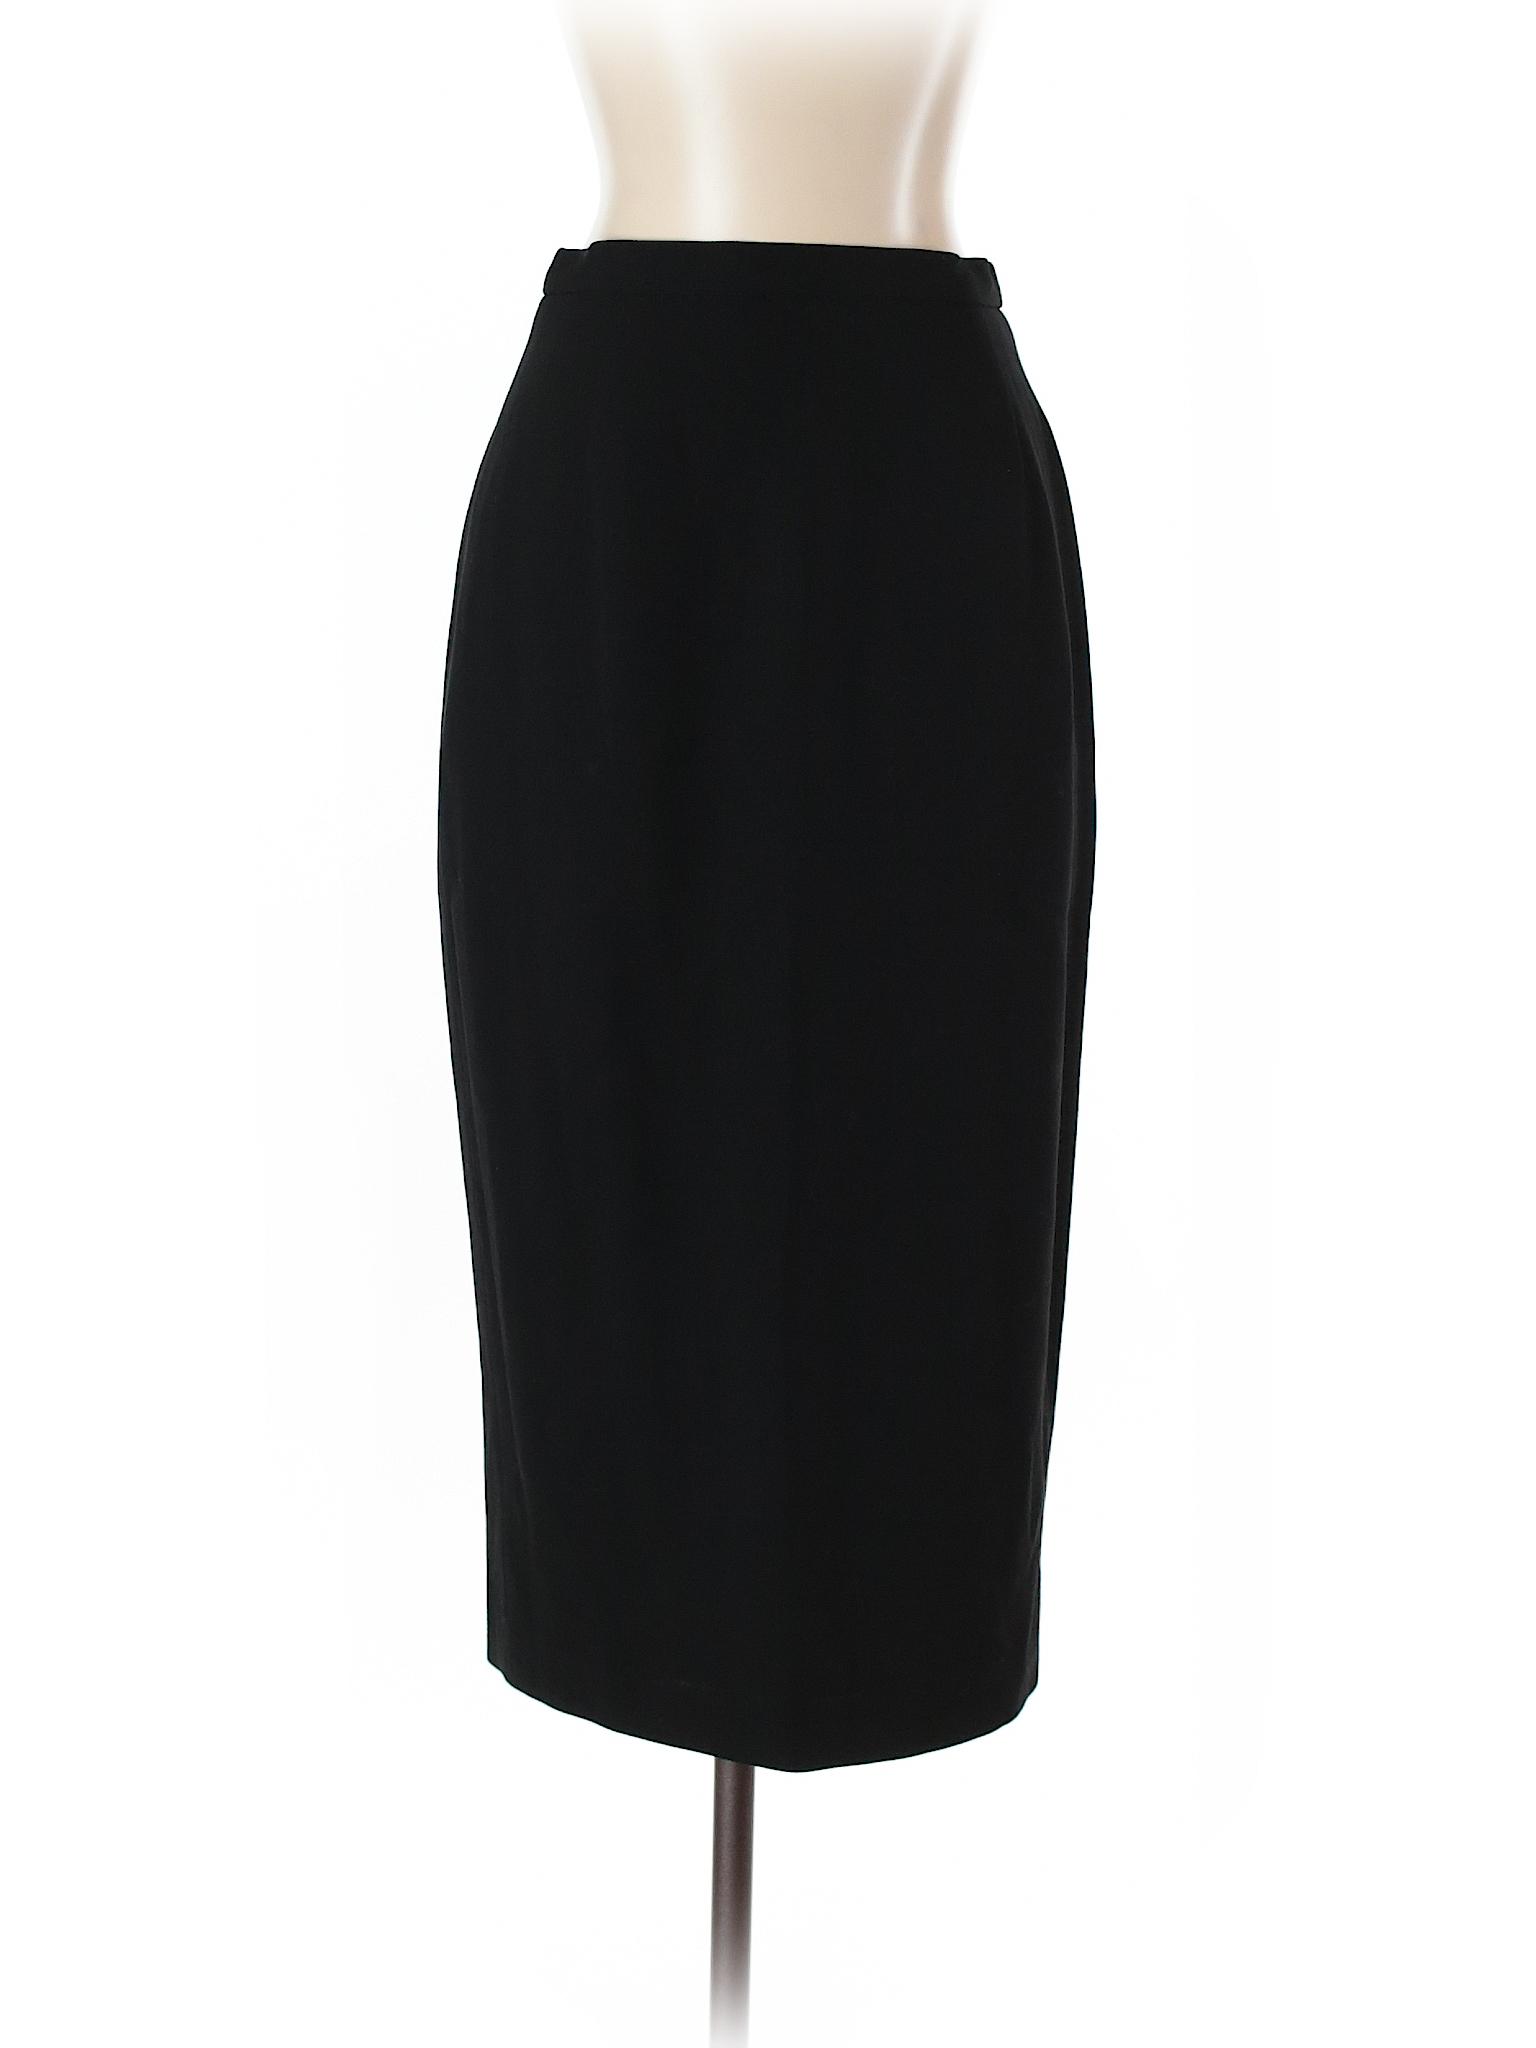 leisure Skirt Mara Wool Max Boutique a0qSS